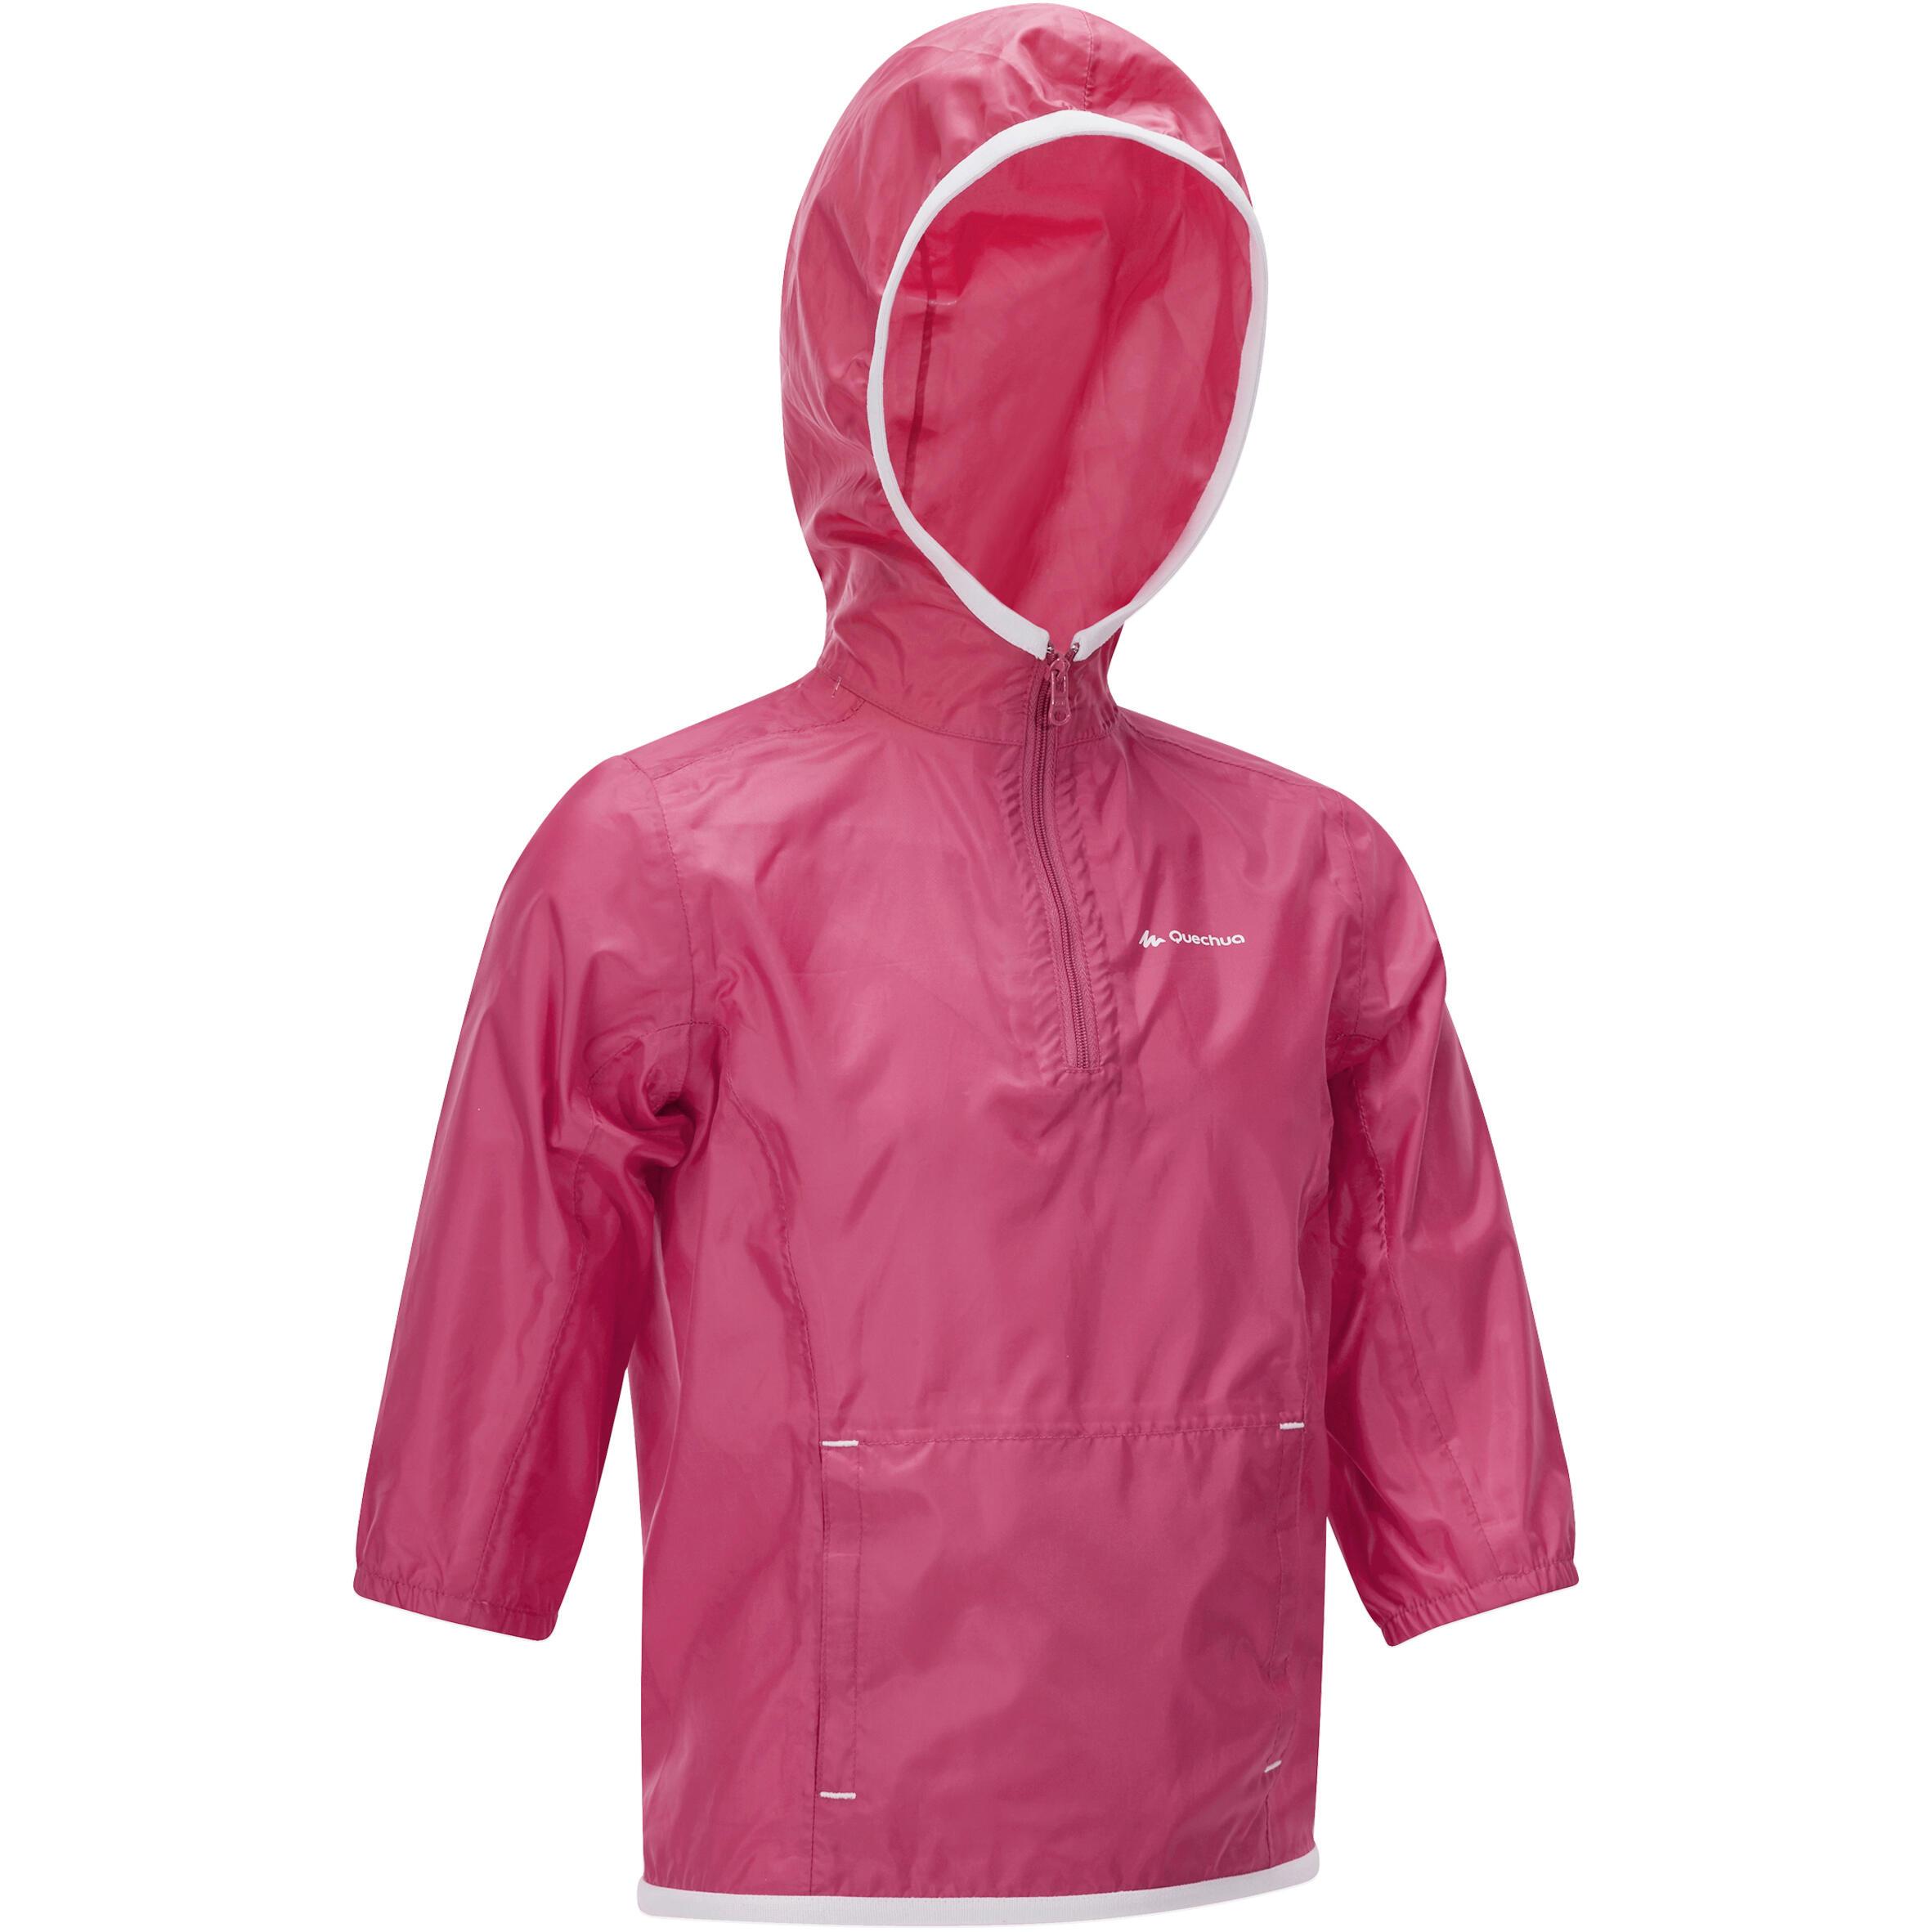 Veste imperméable de randonnée Raincut rose